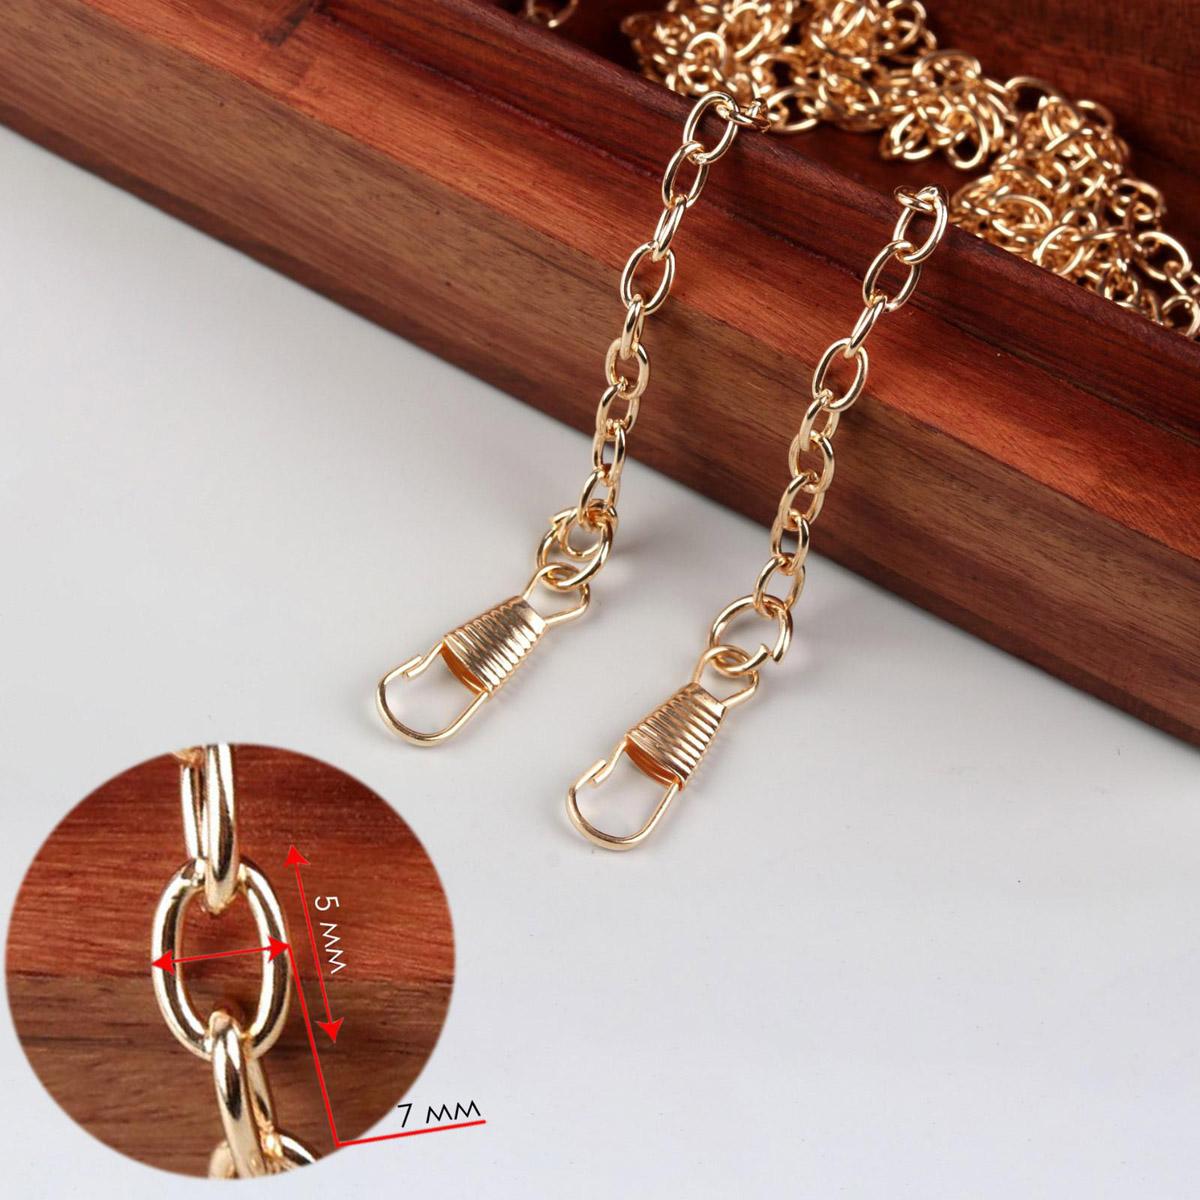 3636031 Цепочка для сумки с карабинами железо 120см 5*7мм золотой